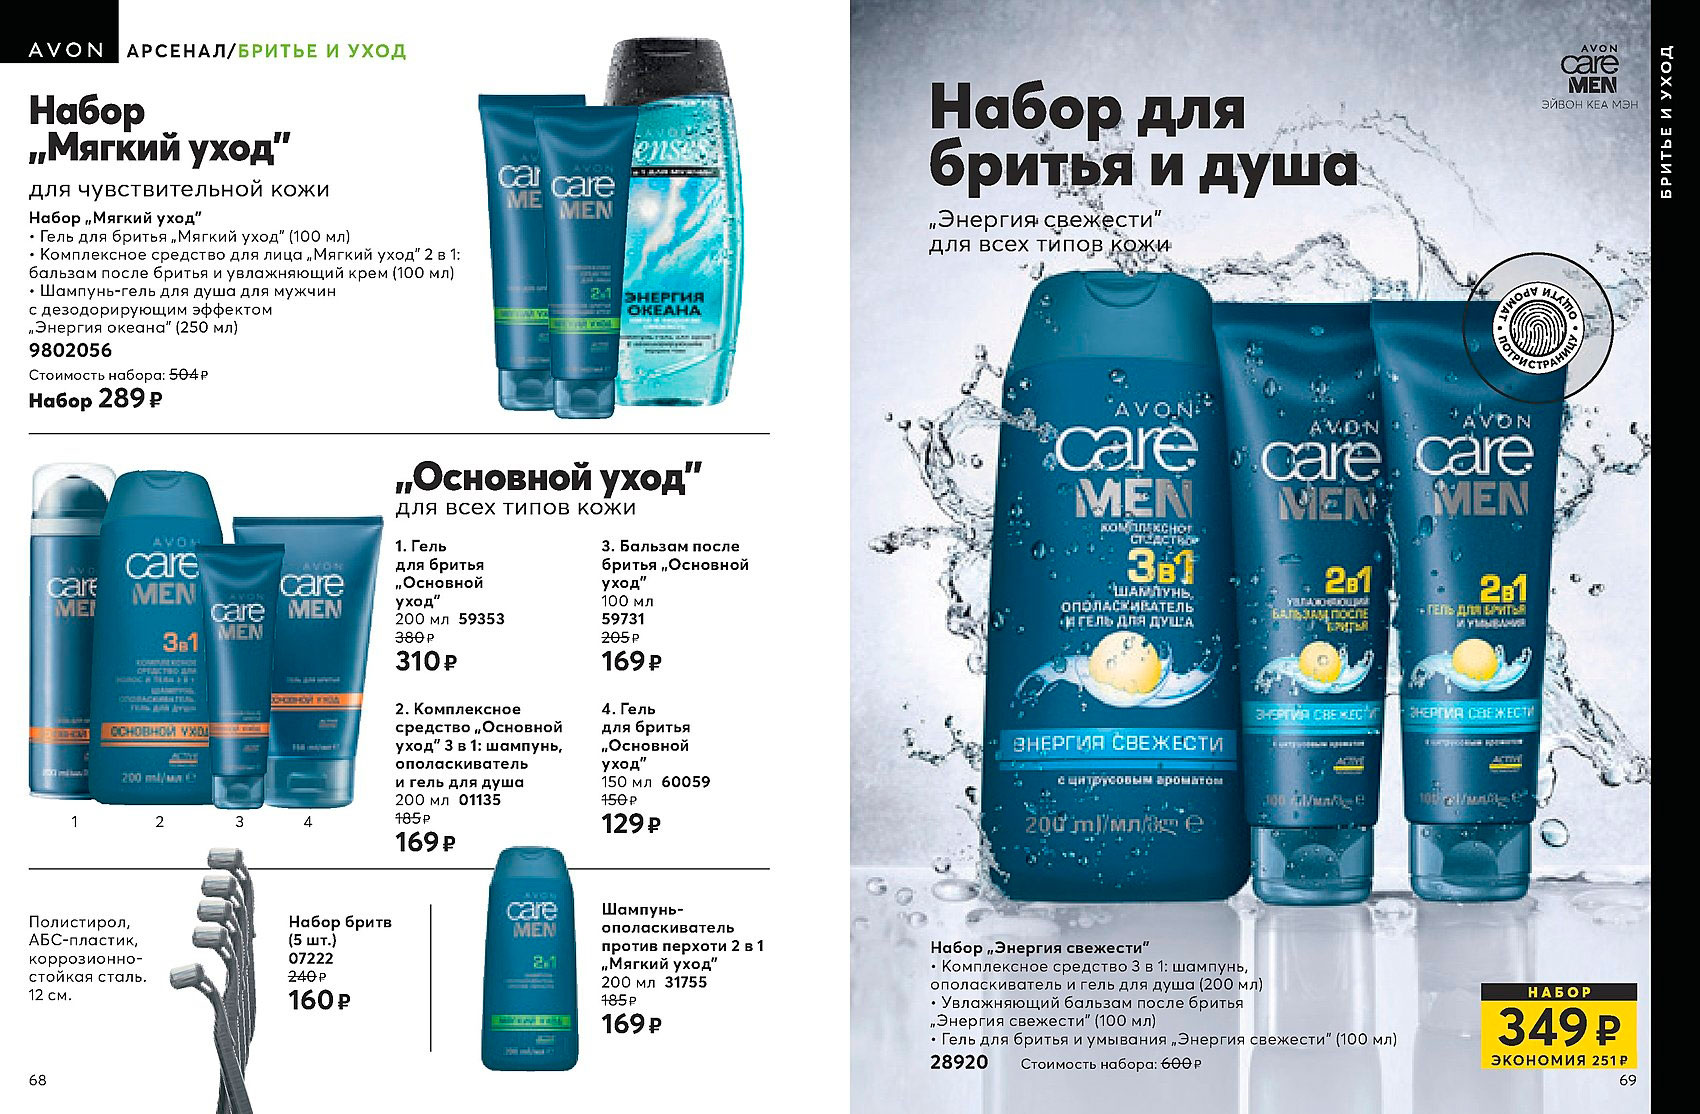 Avon украина 7 2013 avon россия вход для представителей